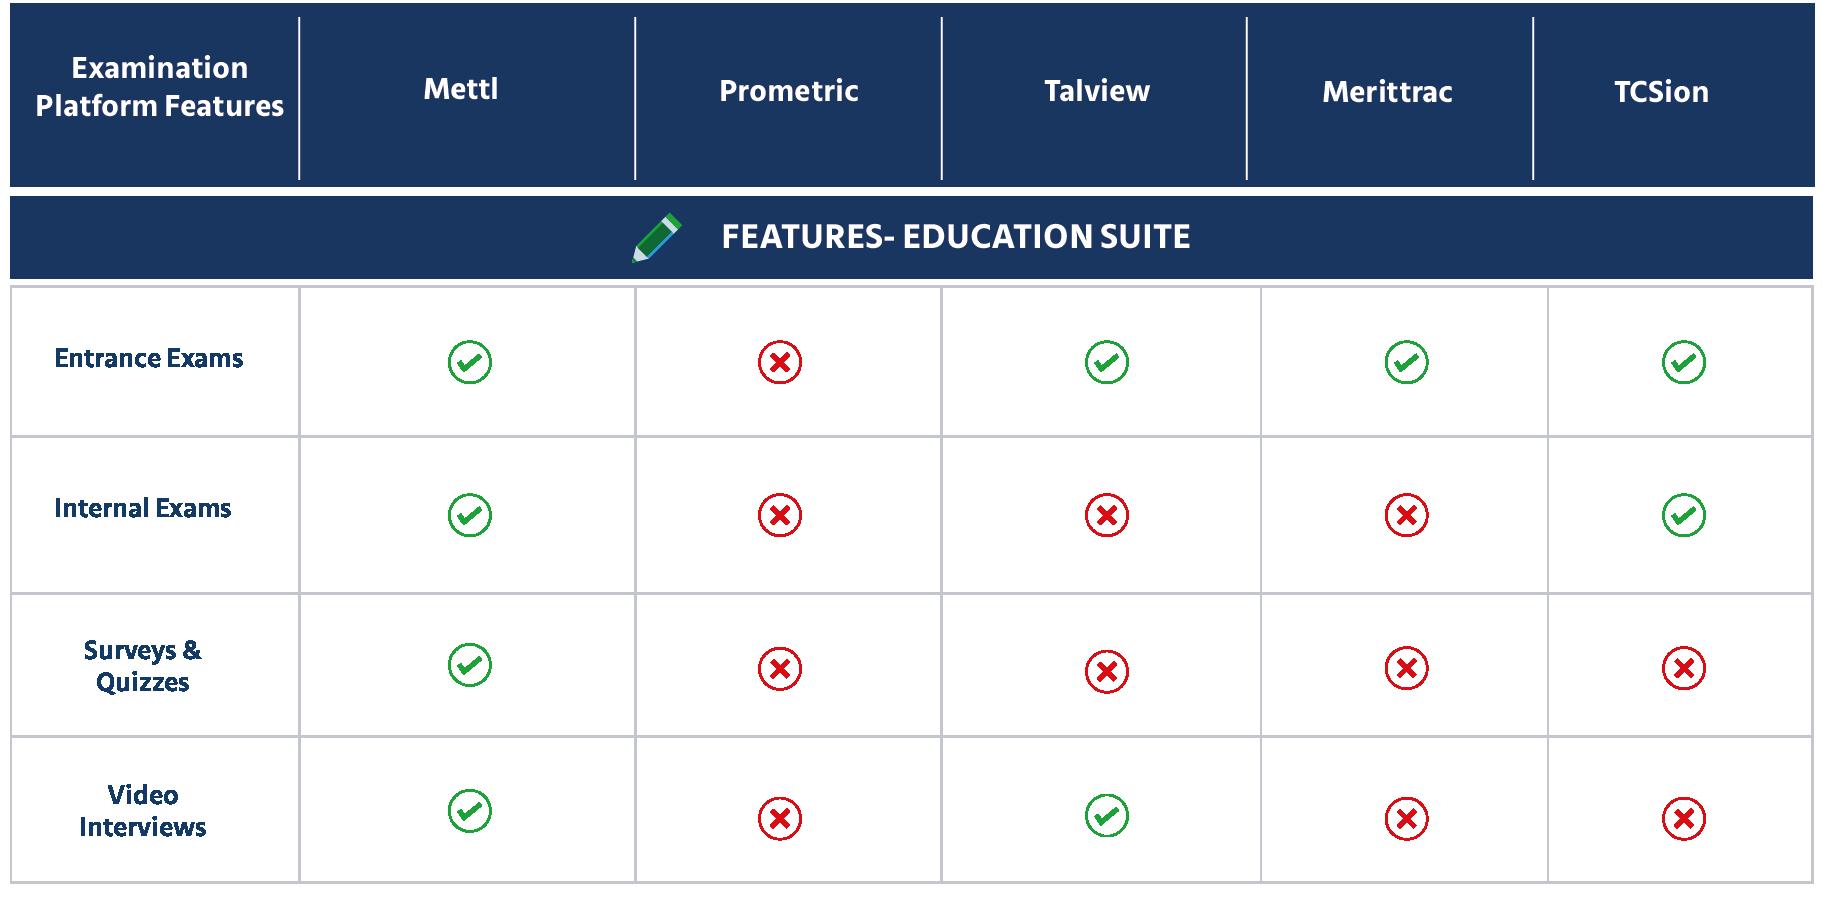 Features-Education Suite